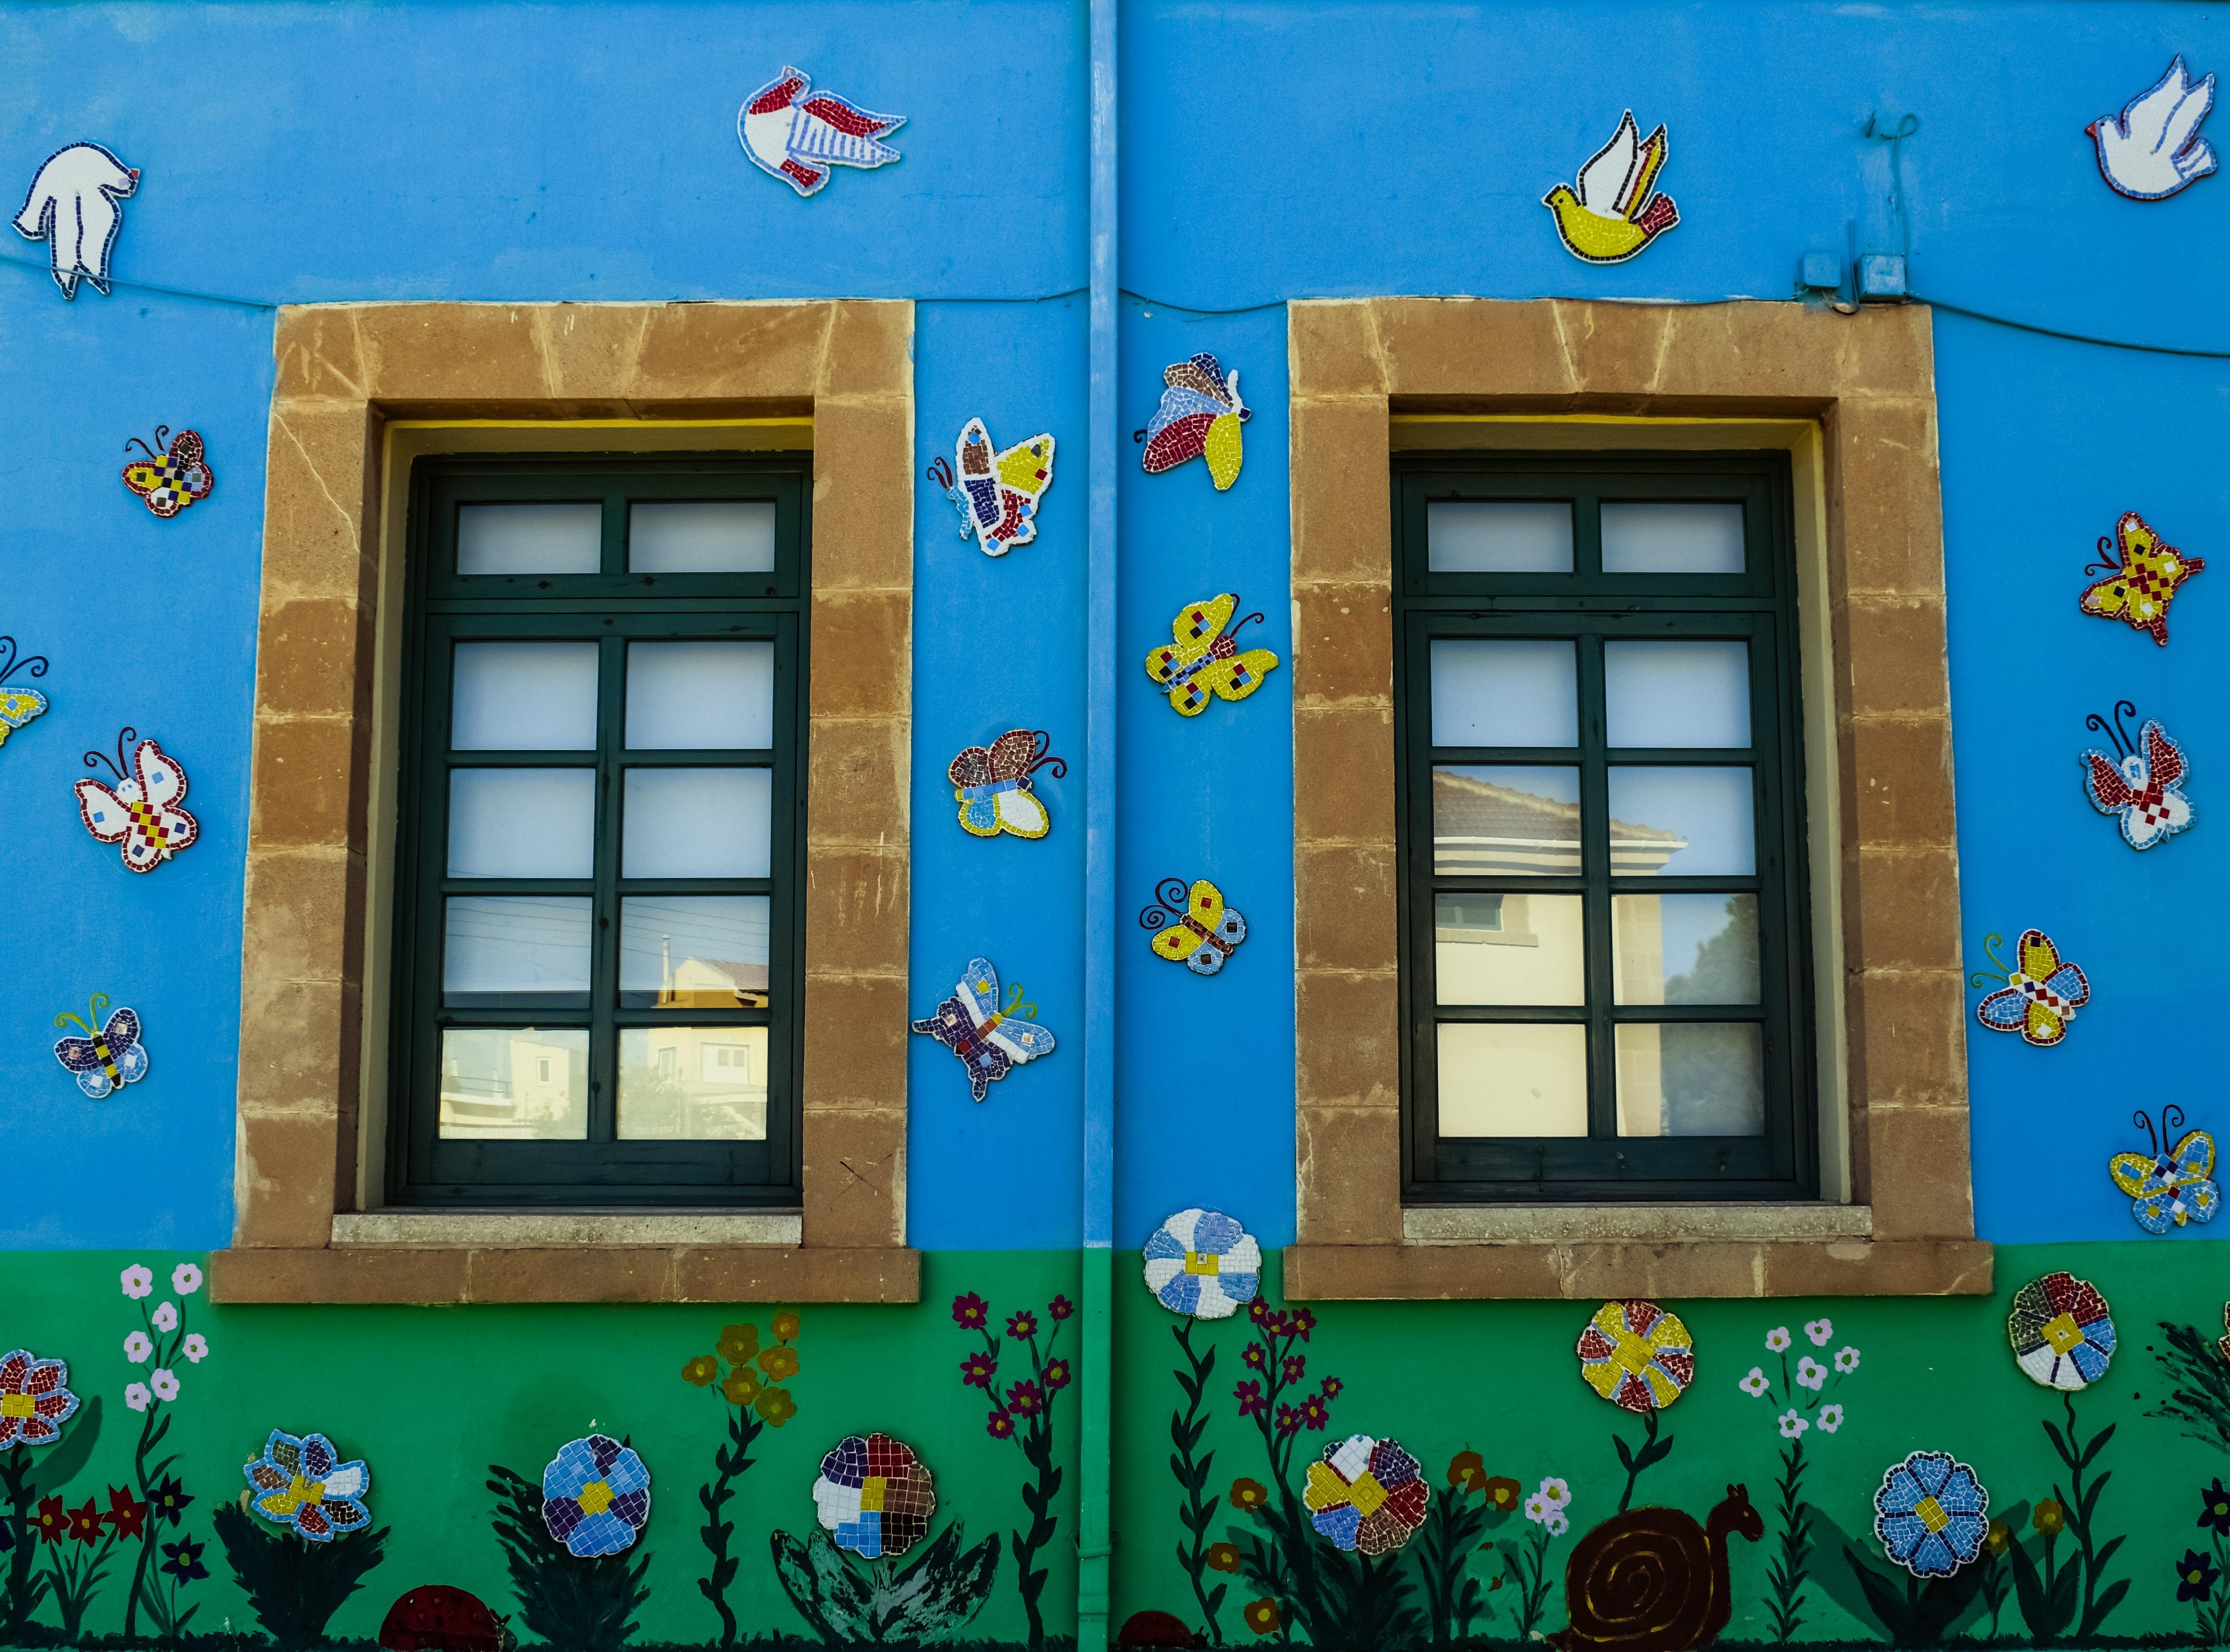 Gambar Rumah Jendela Warna Penglihatan Biru Warna Warni